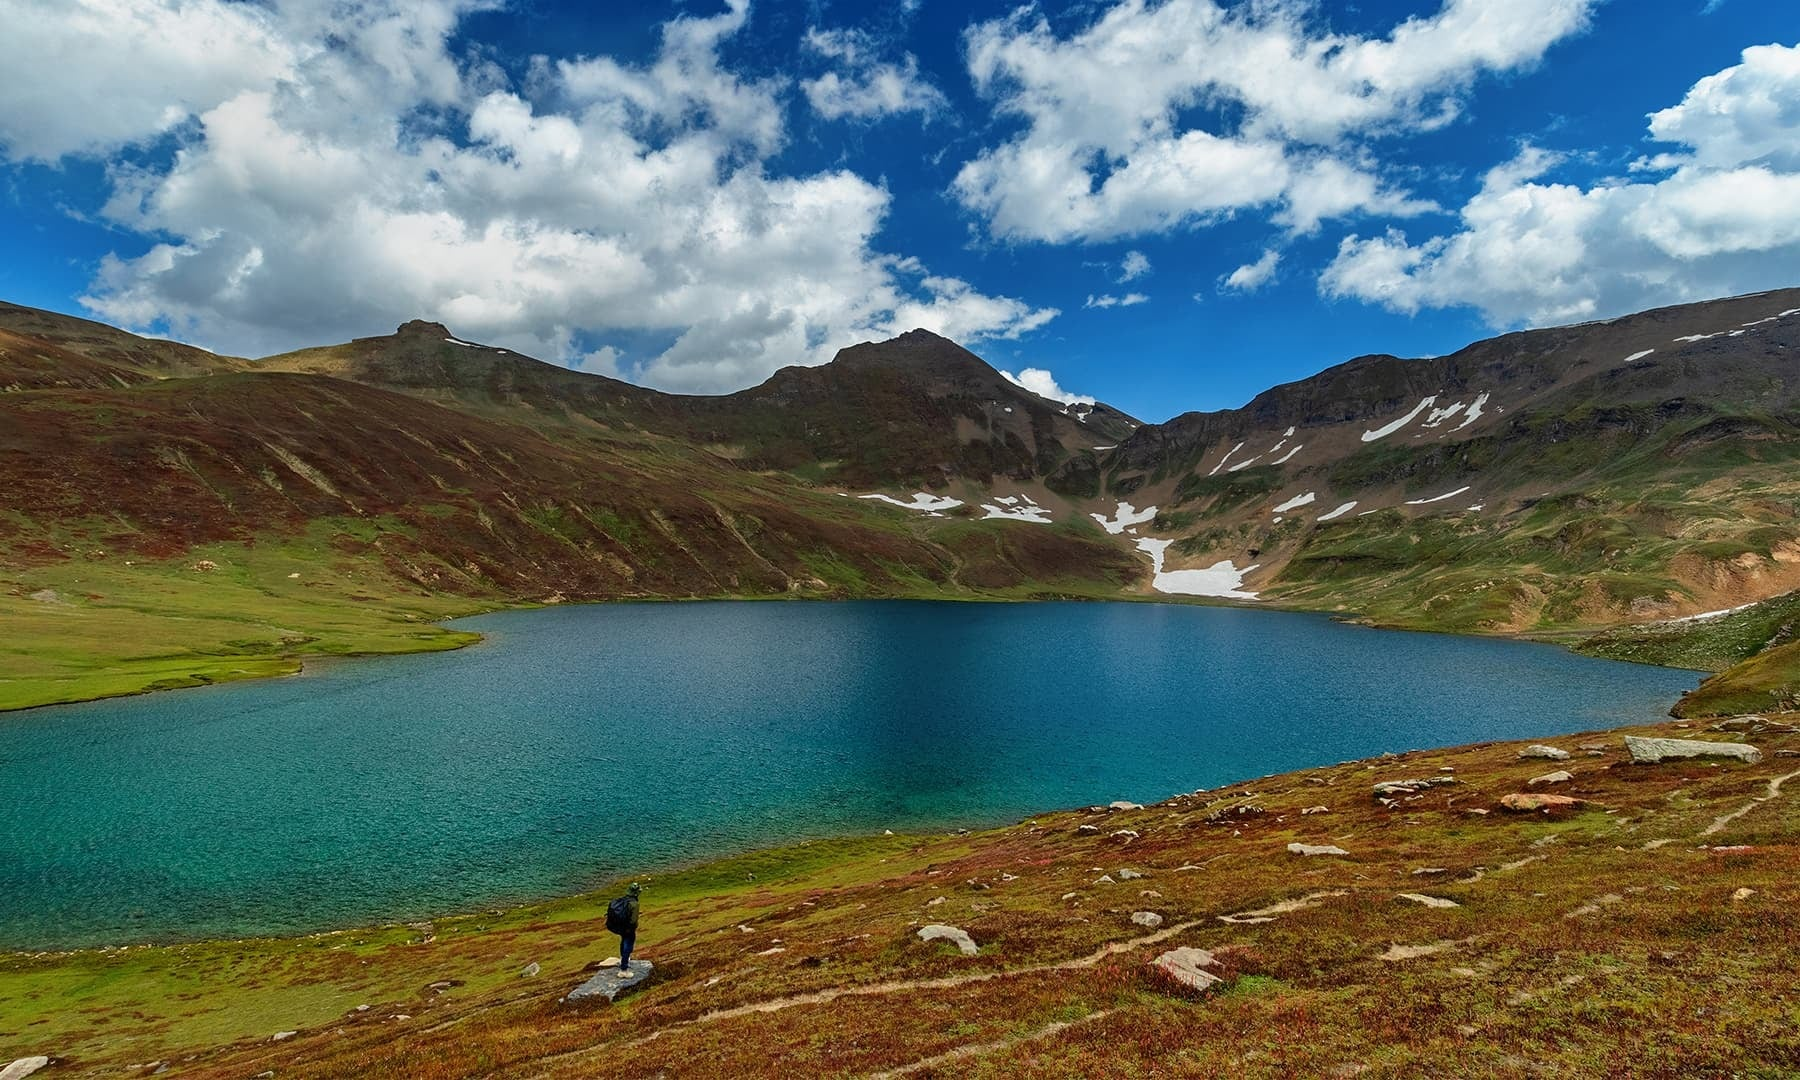 View of Dudipatsar Lake. — Photo by Syed Mehdi Bukhari